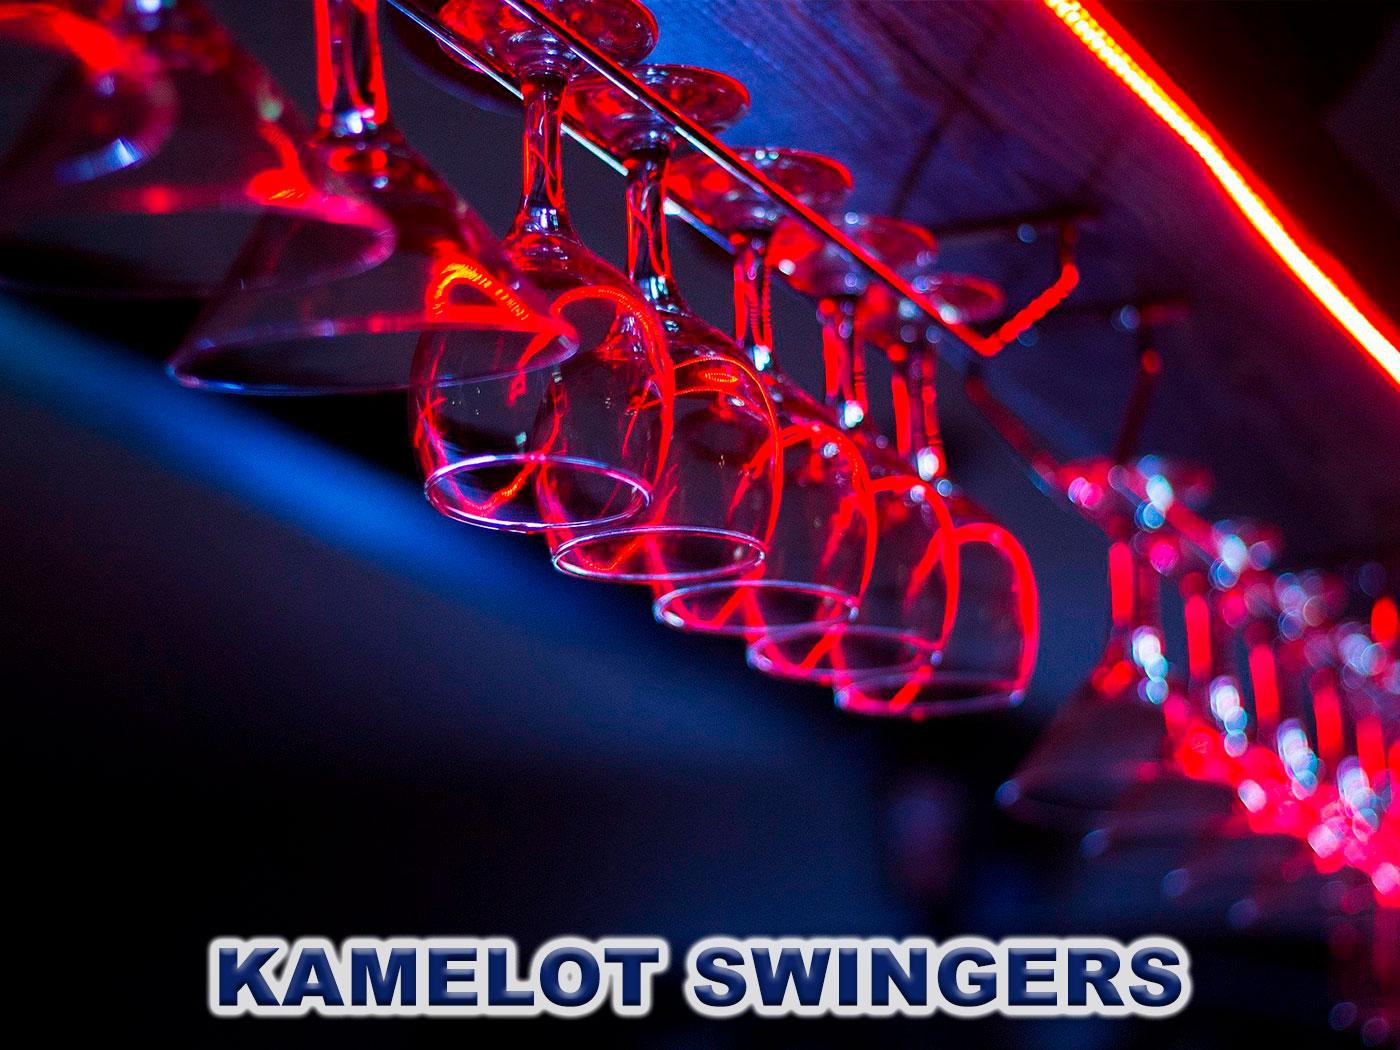 Kamelot-Swingers2-portfolio-1400x1050